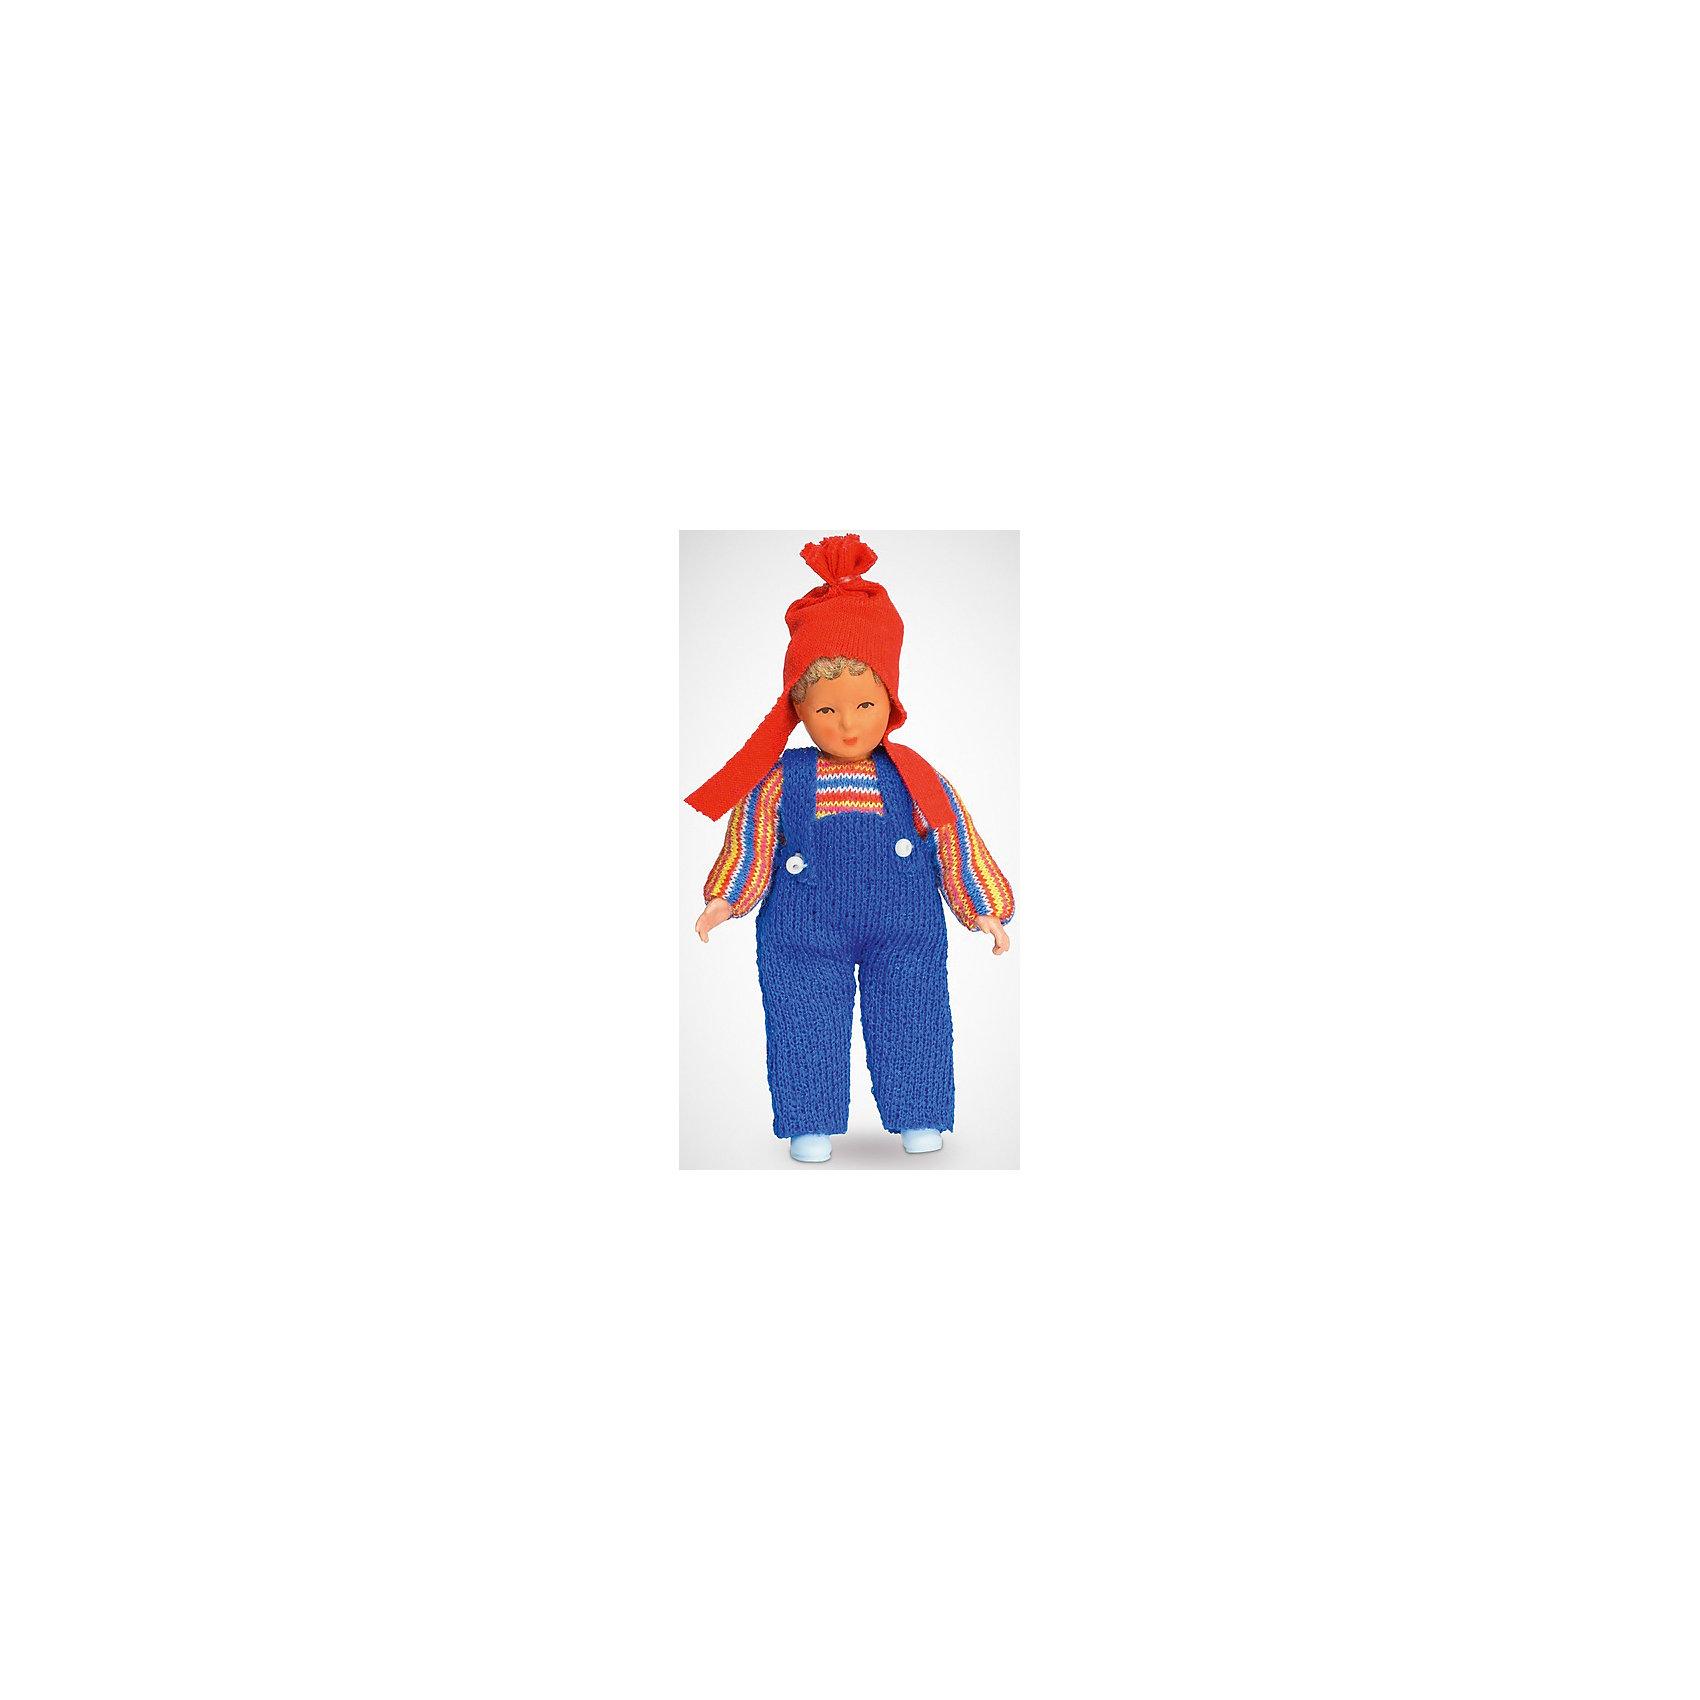 Мини-кукла Мальчик в  синем комбинезоне, PUPSIQUEМини-кукла Мальчик в  синем комбинезоне, PUPSIQUE – эта мини-кукла станет любимым другом вашей девочки и надолго займет ее внимание.<br>Миниатюрная куколка-пупс с детально прорисованными чертами лица и подвижными частями тела, выполненная вручную, специально создана для увлекательных игр и коллекционирования. Кукла одета в оригинальную дизайнерскую одежду: синий комбинезон, полосатую кофту, шапочку. Лицо куклы расписано вручную. Игрушка создана на старейшей фабрике в Германии из высококачественного гипоаллергенного материала. Маленький размер куклы позволяет играть в абсолютно любом месте, ее удобно брать с собой на занятия или весело проводить время в дороге во время путешествий. Для создания увлекательных игровых сцен с миниатюрной куклой можно дополнять игру различными аксессуарами и новой одеждой.<br><br>Дополнительная информация:<br><br>- Высота куклы: 7 см.<br>- Материал: винил, текстиль<br>- Размер упаковки: 4 х 21 х 5 см.<br>- Вес: 400 гр.<br><br>Мини-куклу Мальчик в  синем комбинезоне, PUPSIQUE можно купить в нашем интернет-магазине.<br><br>Ширина мм: 40<br>Глубина мм: 210<br>Высота мм: 50<br>Вес г: 400<br>Возраст от месяцев: 36<br>Возраст до месяцев: 192<br>Пол: Женский<br>Возраст: Детский<br>SKU: 4344923